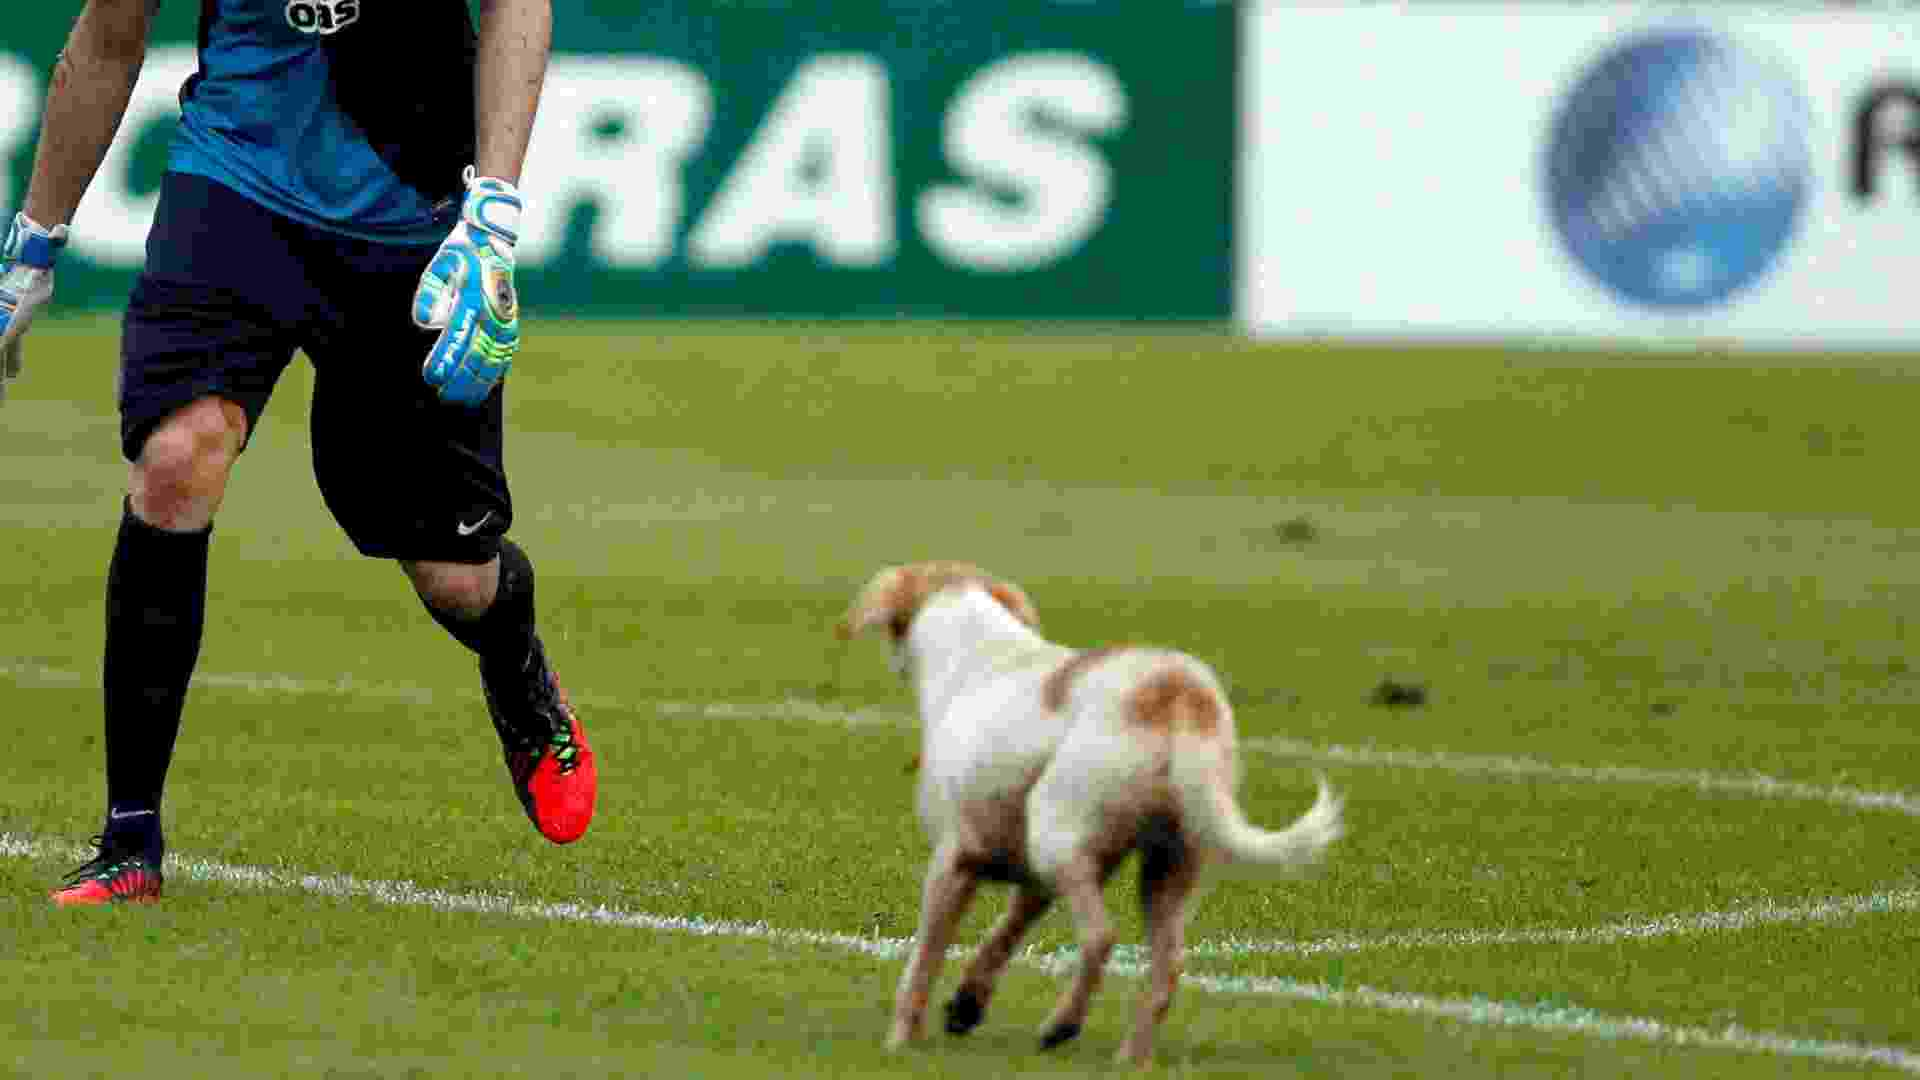 Omar, do Bahia, tenta tirar cão de campo na partida contra o Vitória, válida pela final do Campeonato Baiano, realizada neste domingo no estádio do Barradão, em Salvador (BA) - FELIPE OLIVEIRA/AGIF/ESTADÃO